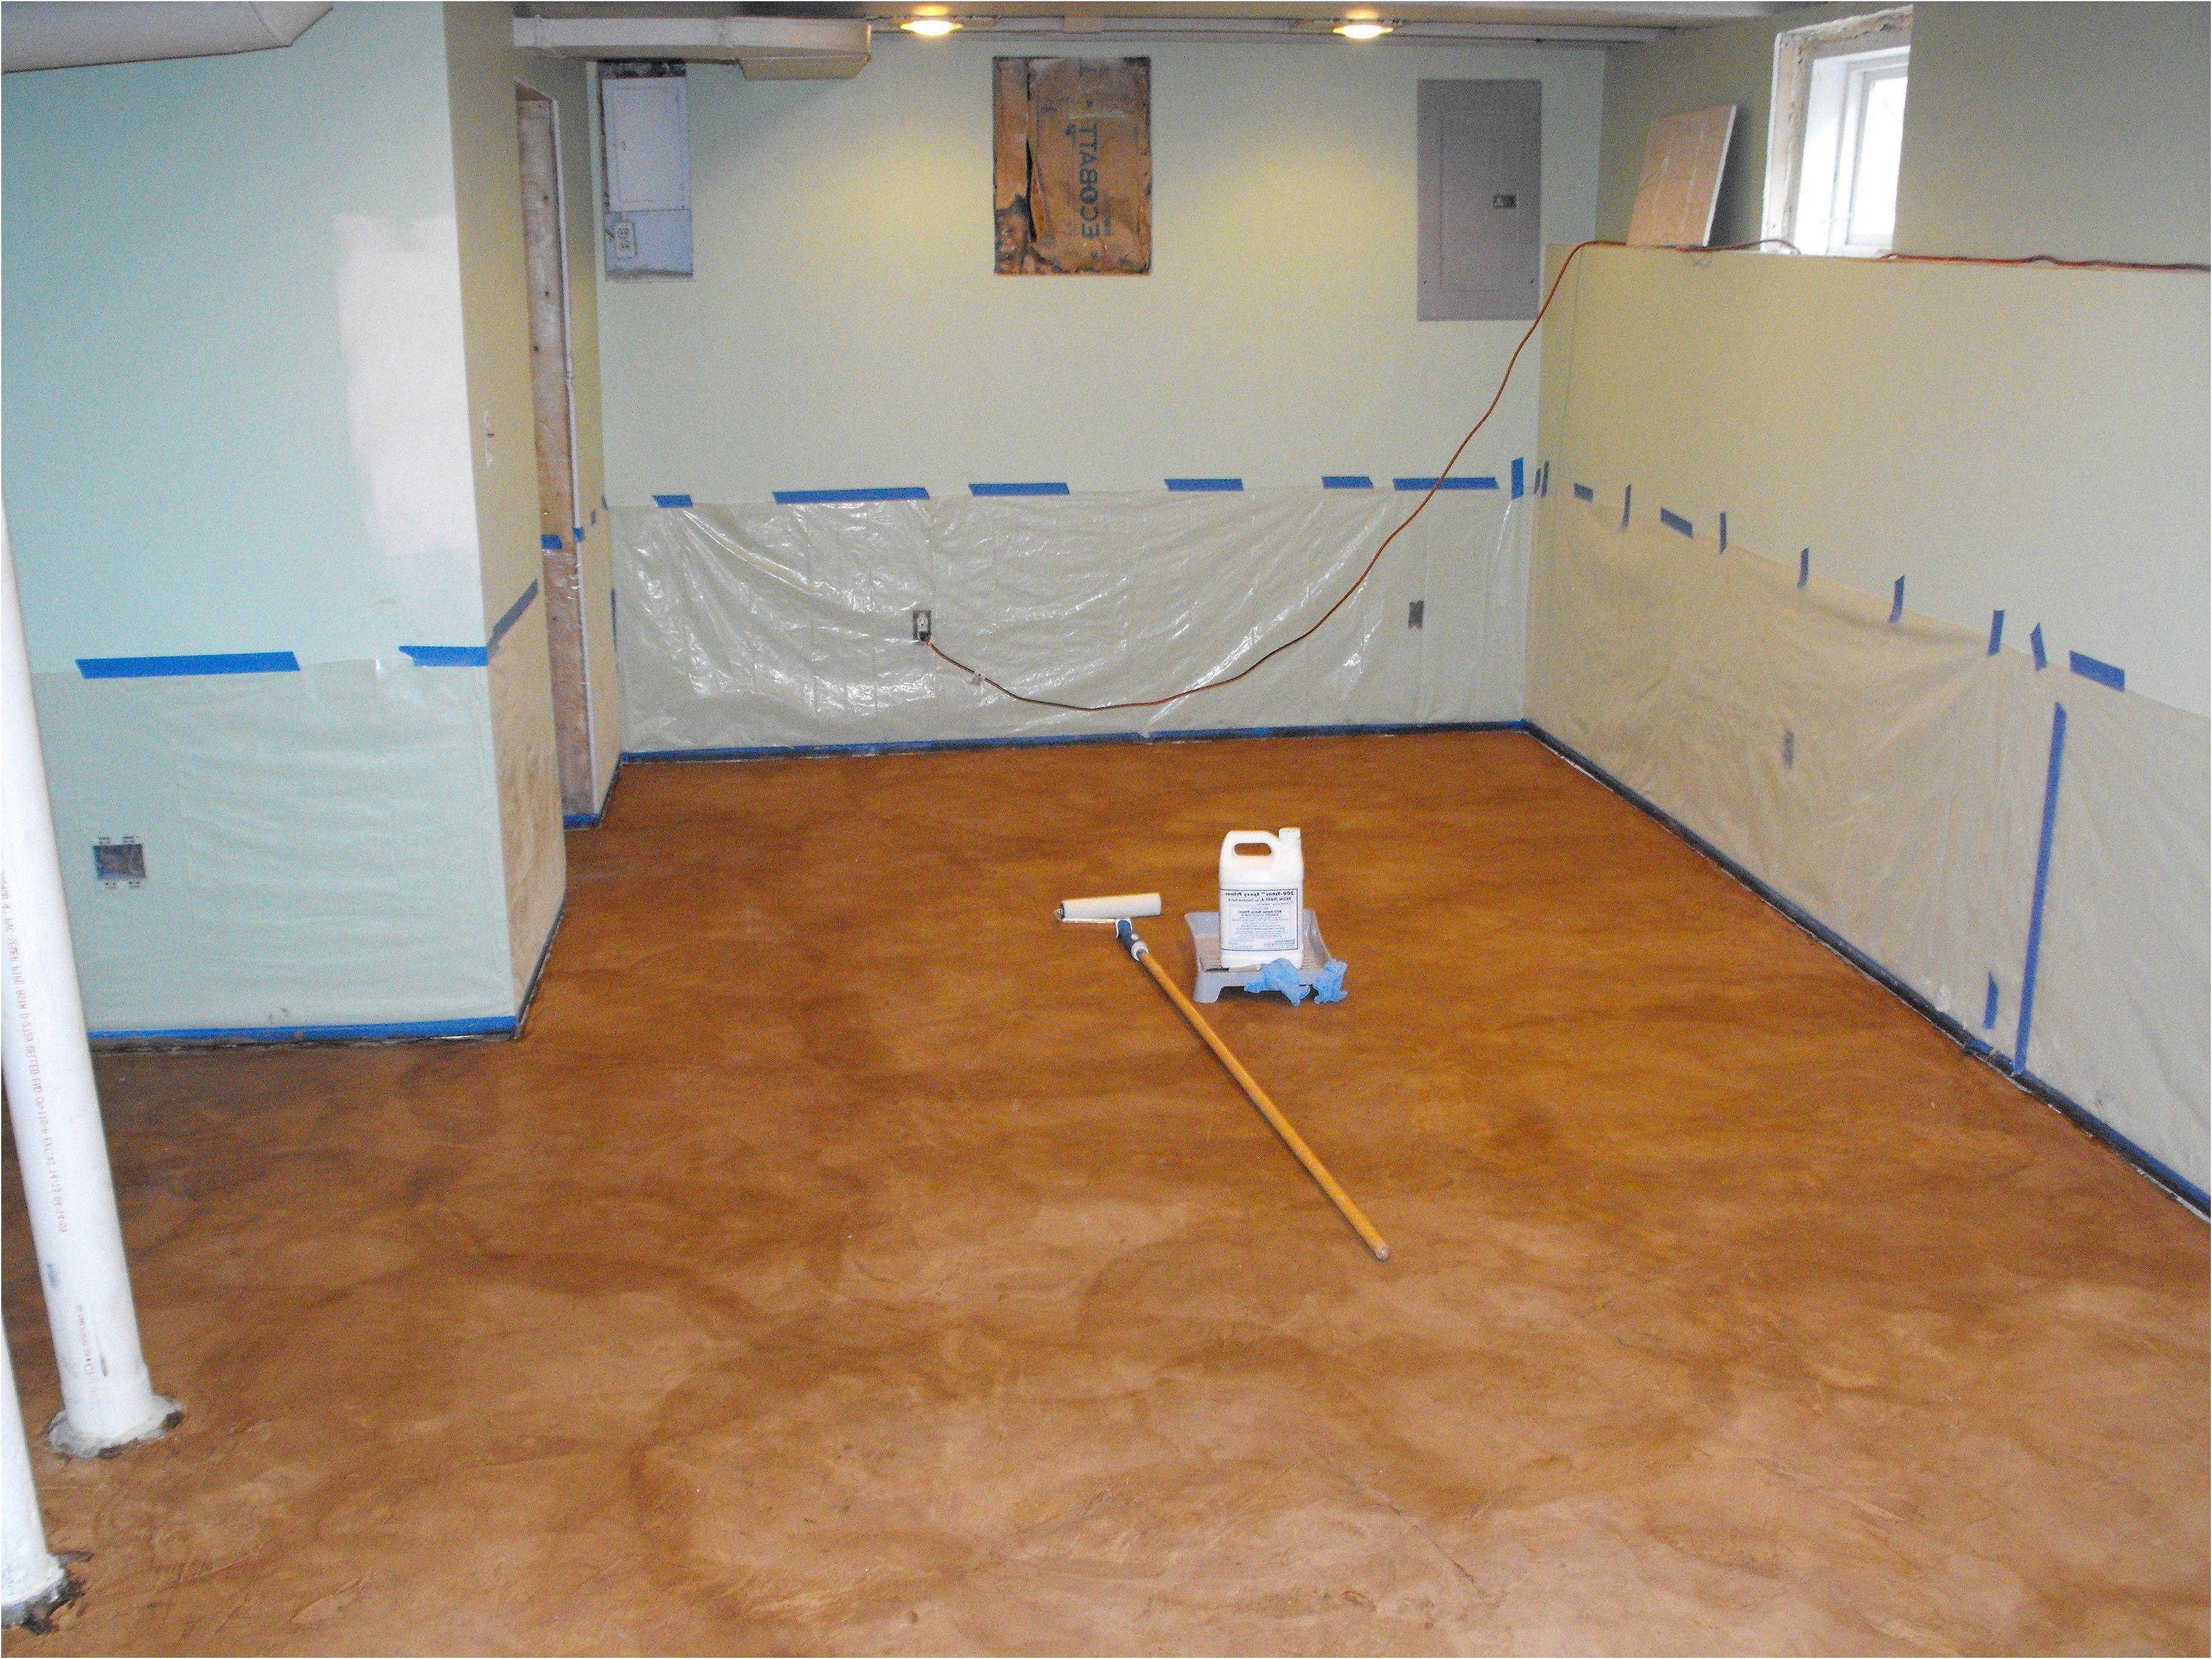 wet basement floor ideas home design ideas from Best ...